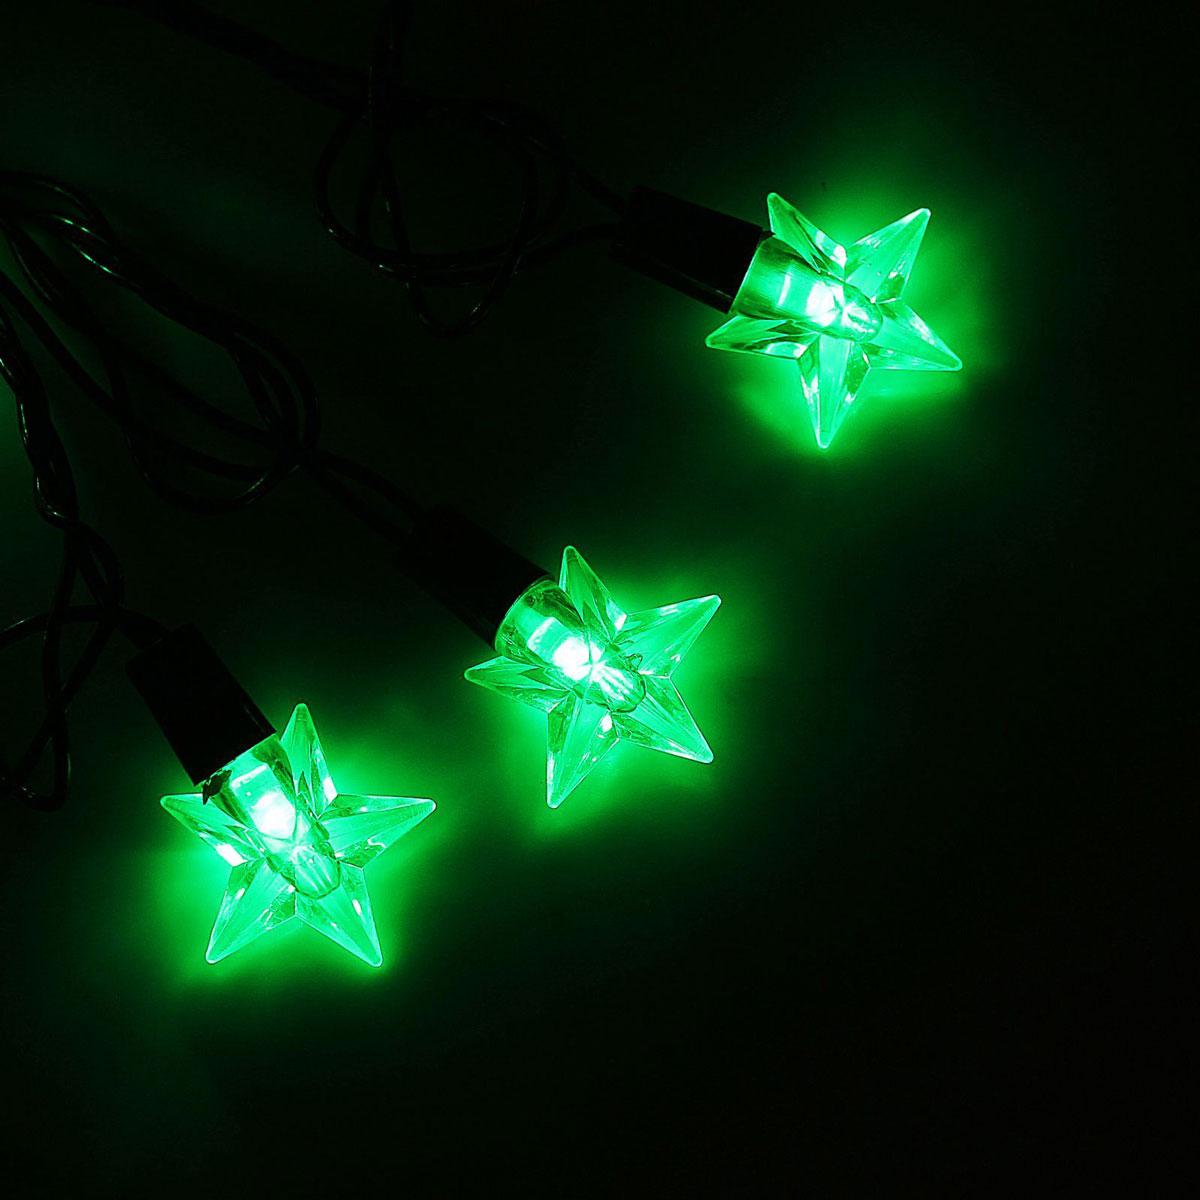 Гирлянда светодиодная Luazon Метраж. Звезда средняя, уличная с насадкой, 8 режимов, 40 ламп, 220 V, 5 м, цвет: зеленый. 10801021080102Светодиодные гирлянды, ленты и т.д. — это отличный вариант для новогоднего оформления интерьера или фасада. С их помощью помещение любого размера можно превратить в праздничный зал, а внешние элементы зданий, украшенные ими, мгновенно станут напоминать очертания сказочного дворца. Такие украшения создают ауру предвкушения чуда. Деревья, фасады, витрины, окна и арки будто специально созданы, чтобы вы украсили их светящимися нитями.